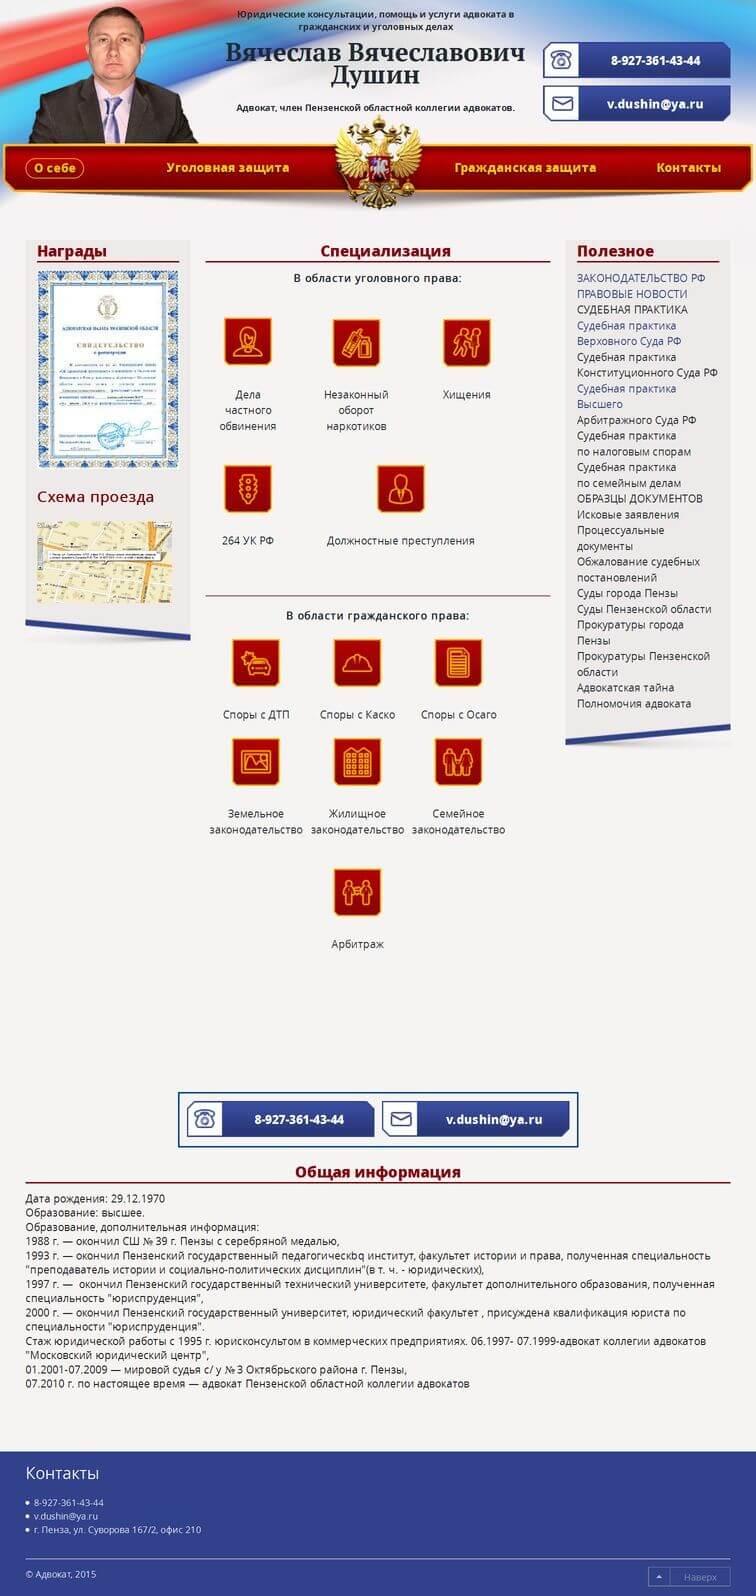 Вячеслав Вячеславович Душин — Юридические консультации, помощь и услуги адвоката